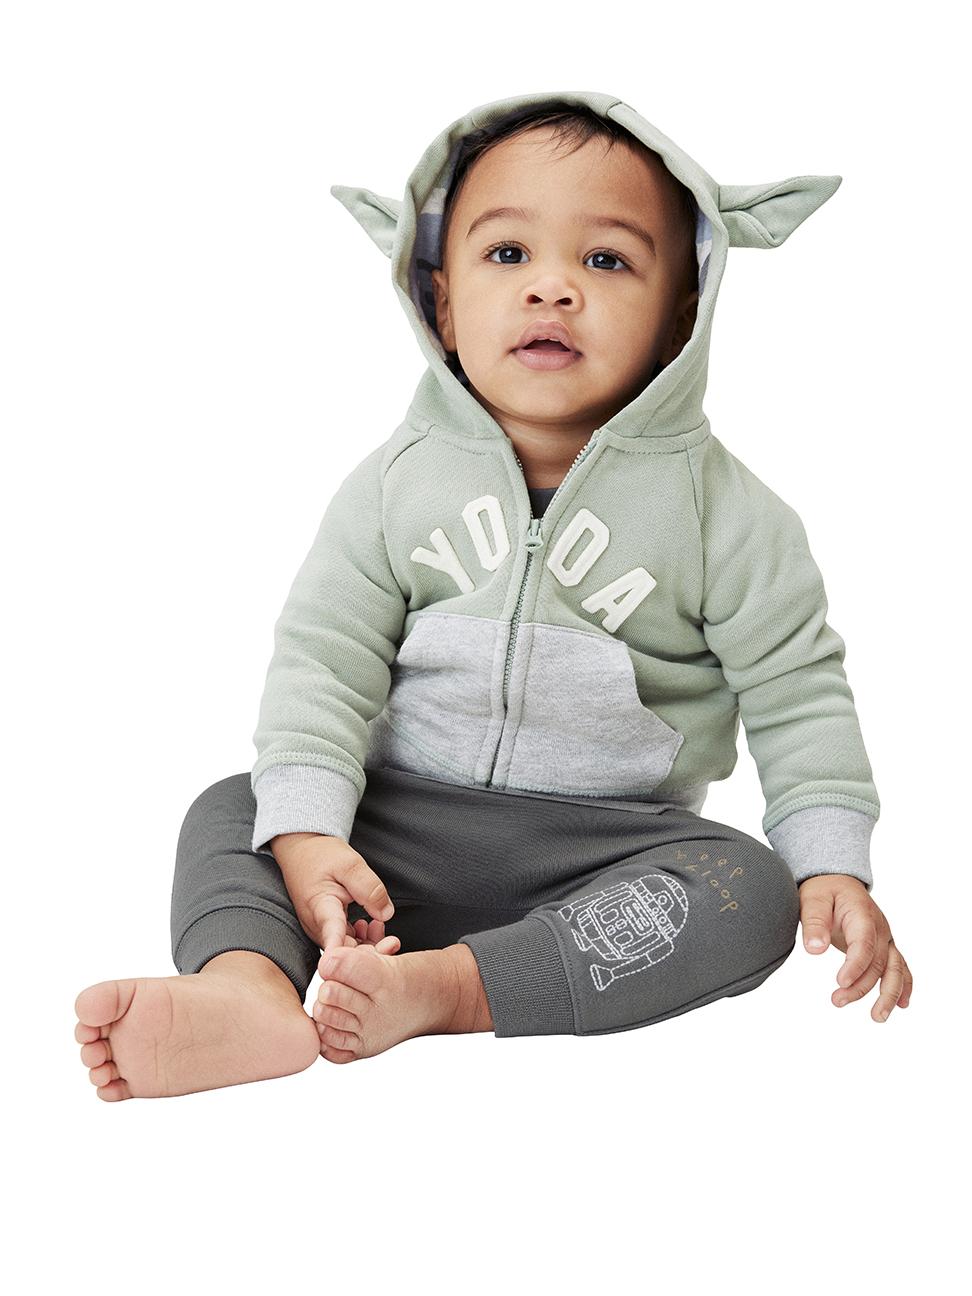 嬰兒 Gap x Star Wars星際大戰系列刺繡長褲